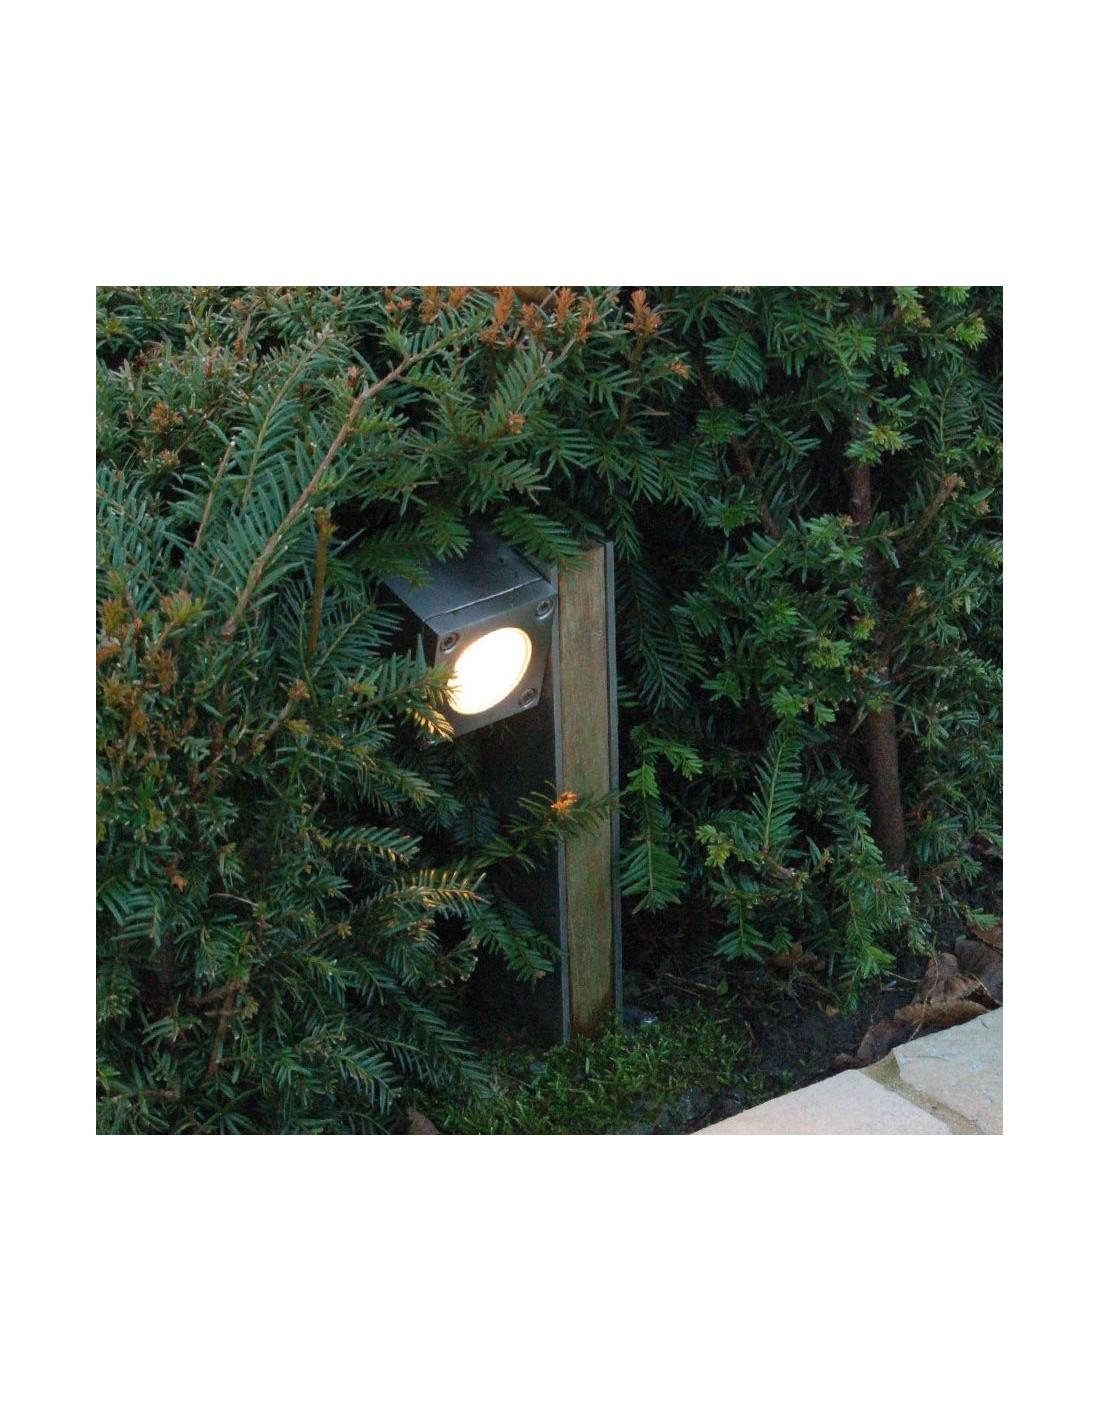 Eclairage de jardin borne ext rieur q bic for Eclairage jardin exterieur